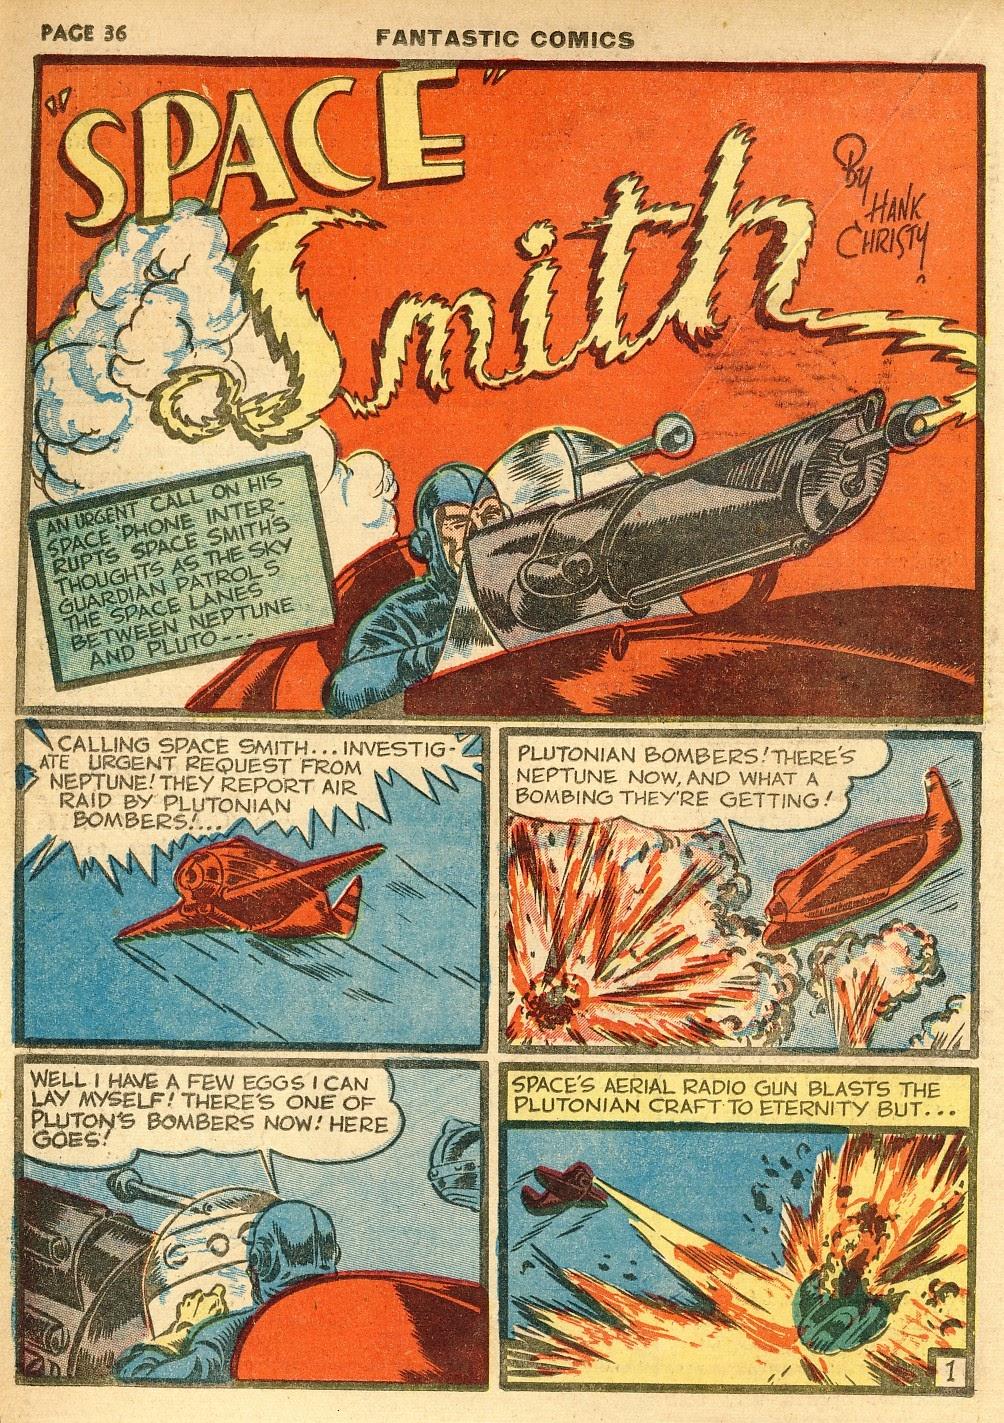 Read online Fantastic Comics comic -  Issue #10 - 37